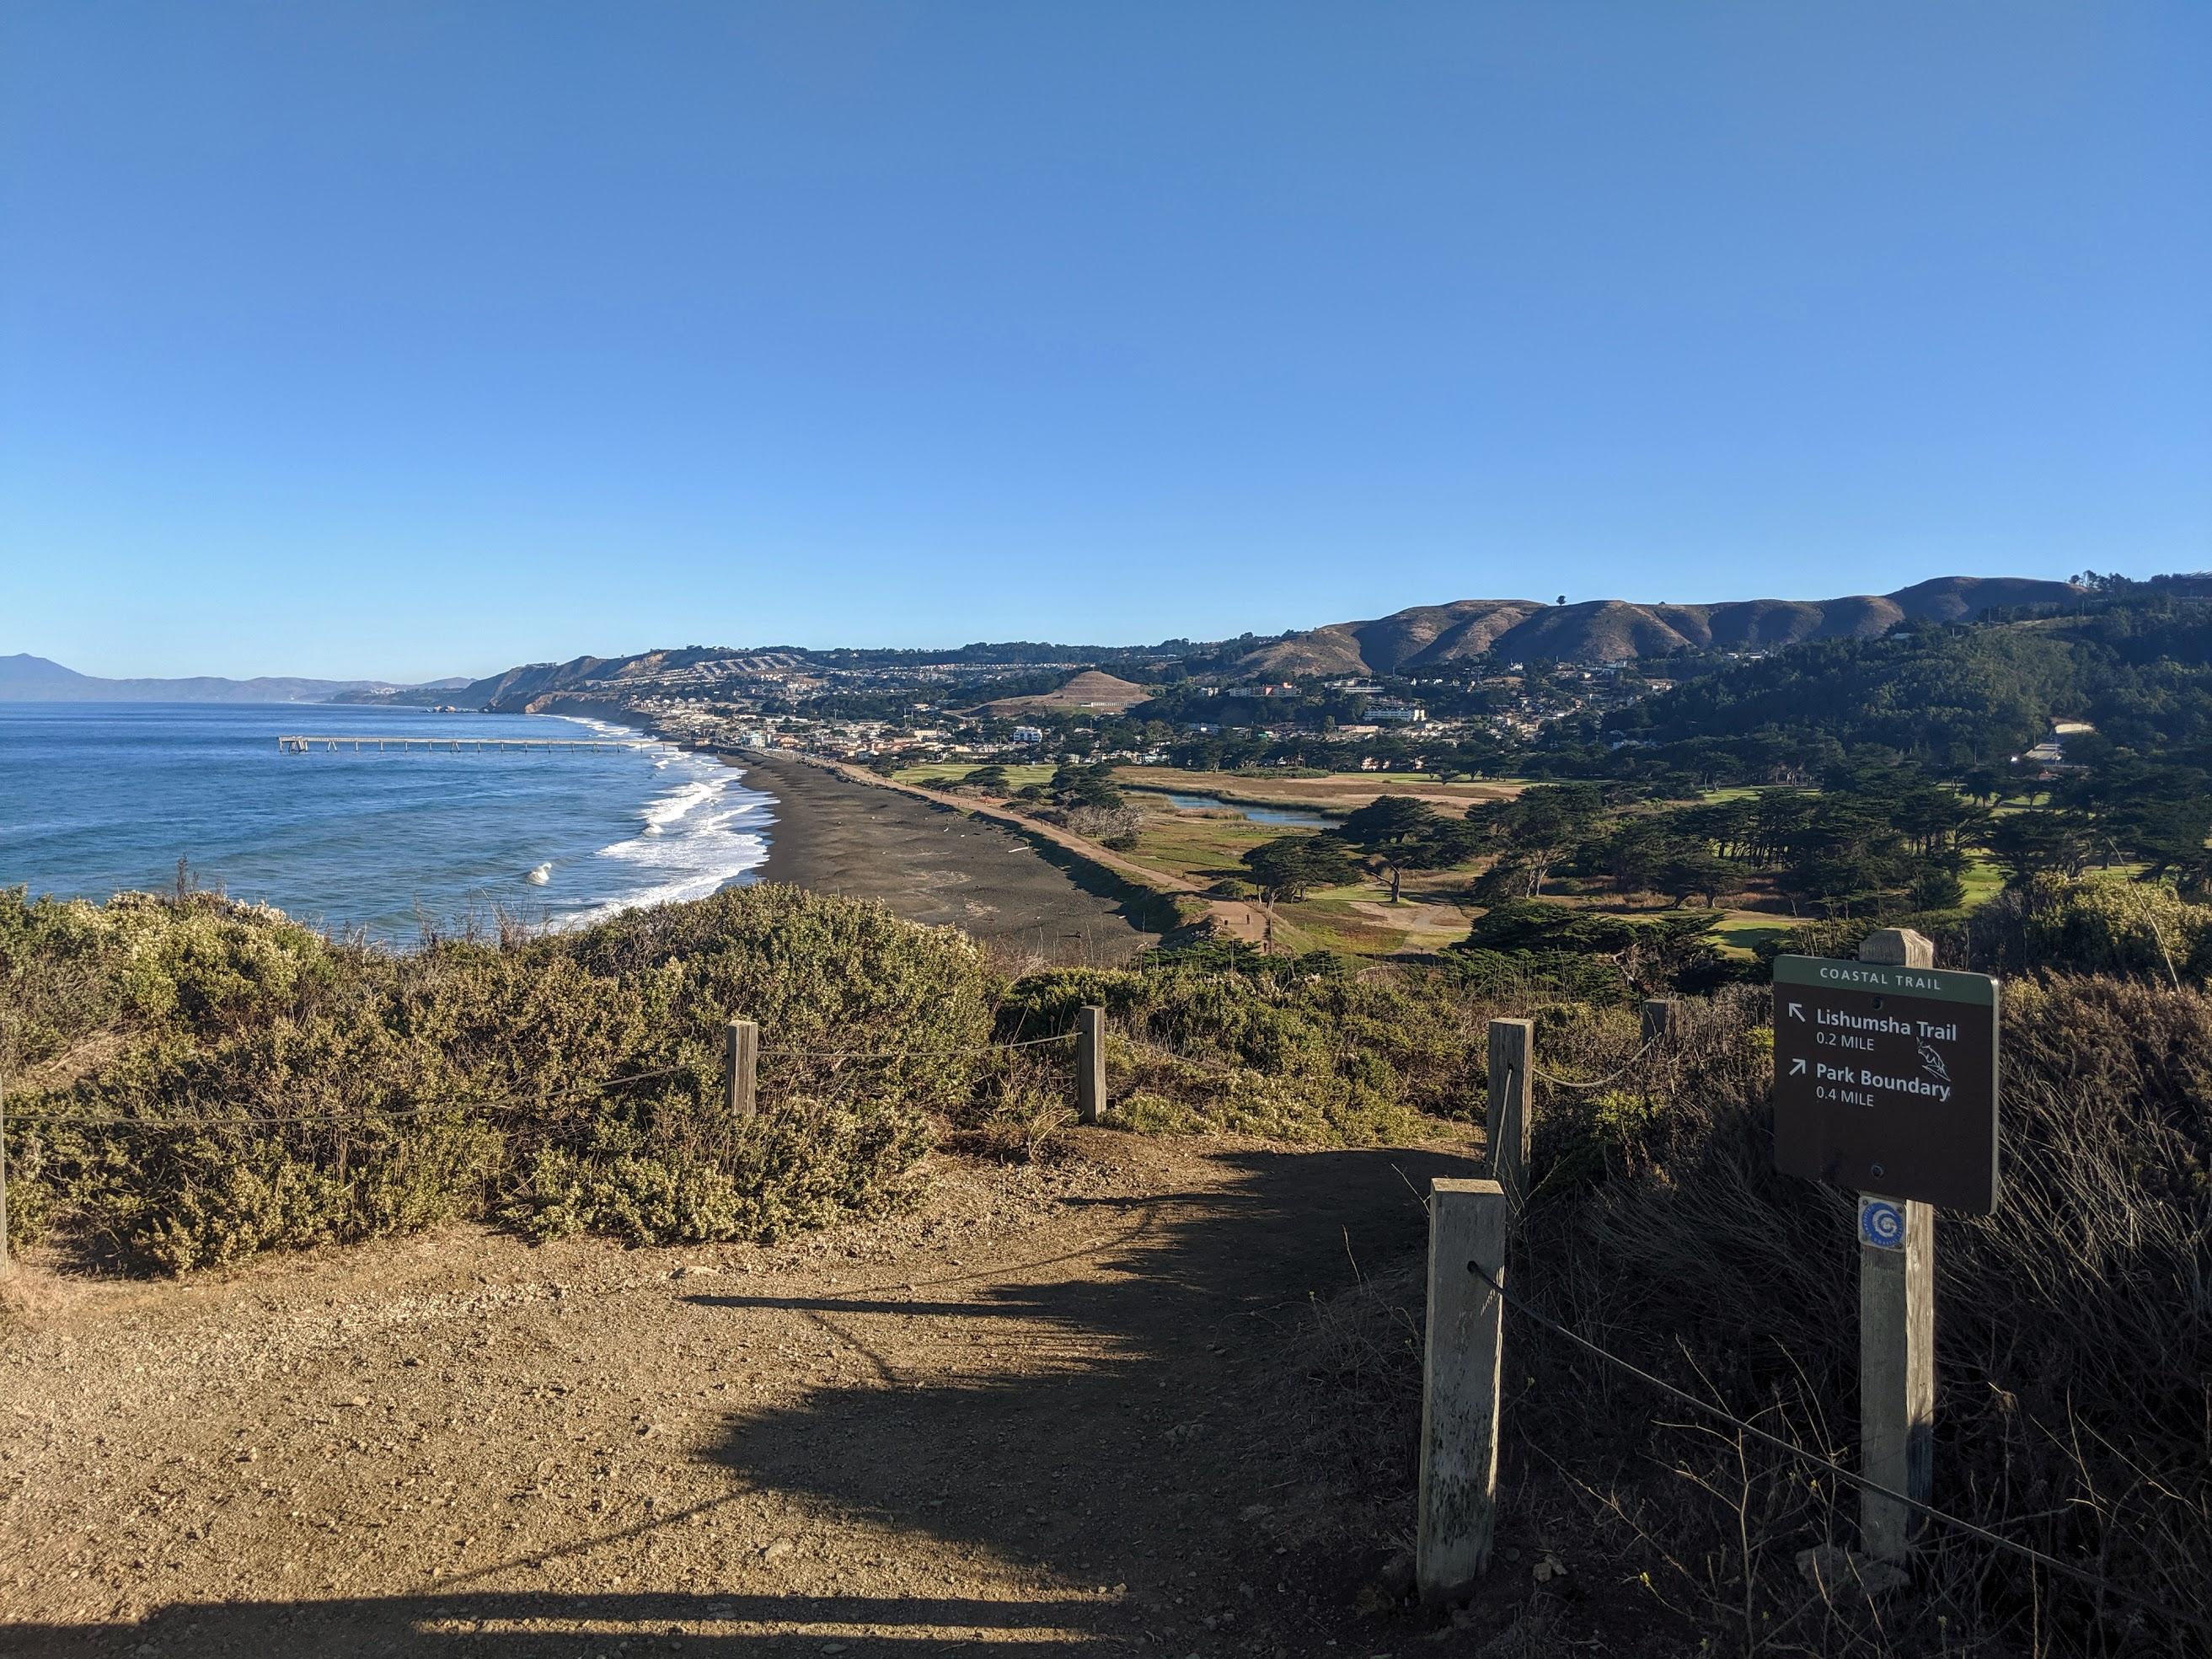 Poco a sud di San Francisco c'è un altro dei miei percorsi preferiti. Si tratta di un percorso che parte dalla spiaggia di Pacifica State Beach, risale a nord fino a Rockaway Beach e poi sale lungo alcuni sentieri sulle colline che separano Rockaway dalle case di Pacifica. Per puntiglio a Pacifica percorro il pontile fino all'estremità' per poi invertire la marcia e tornare al punto di partenza. L'intero percorso, andata e ritorno, supera di poco i 10 km.